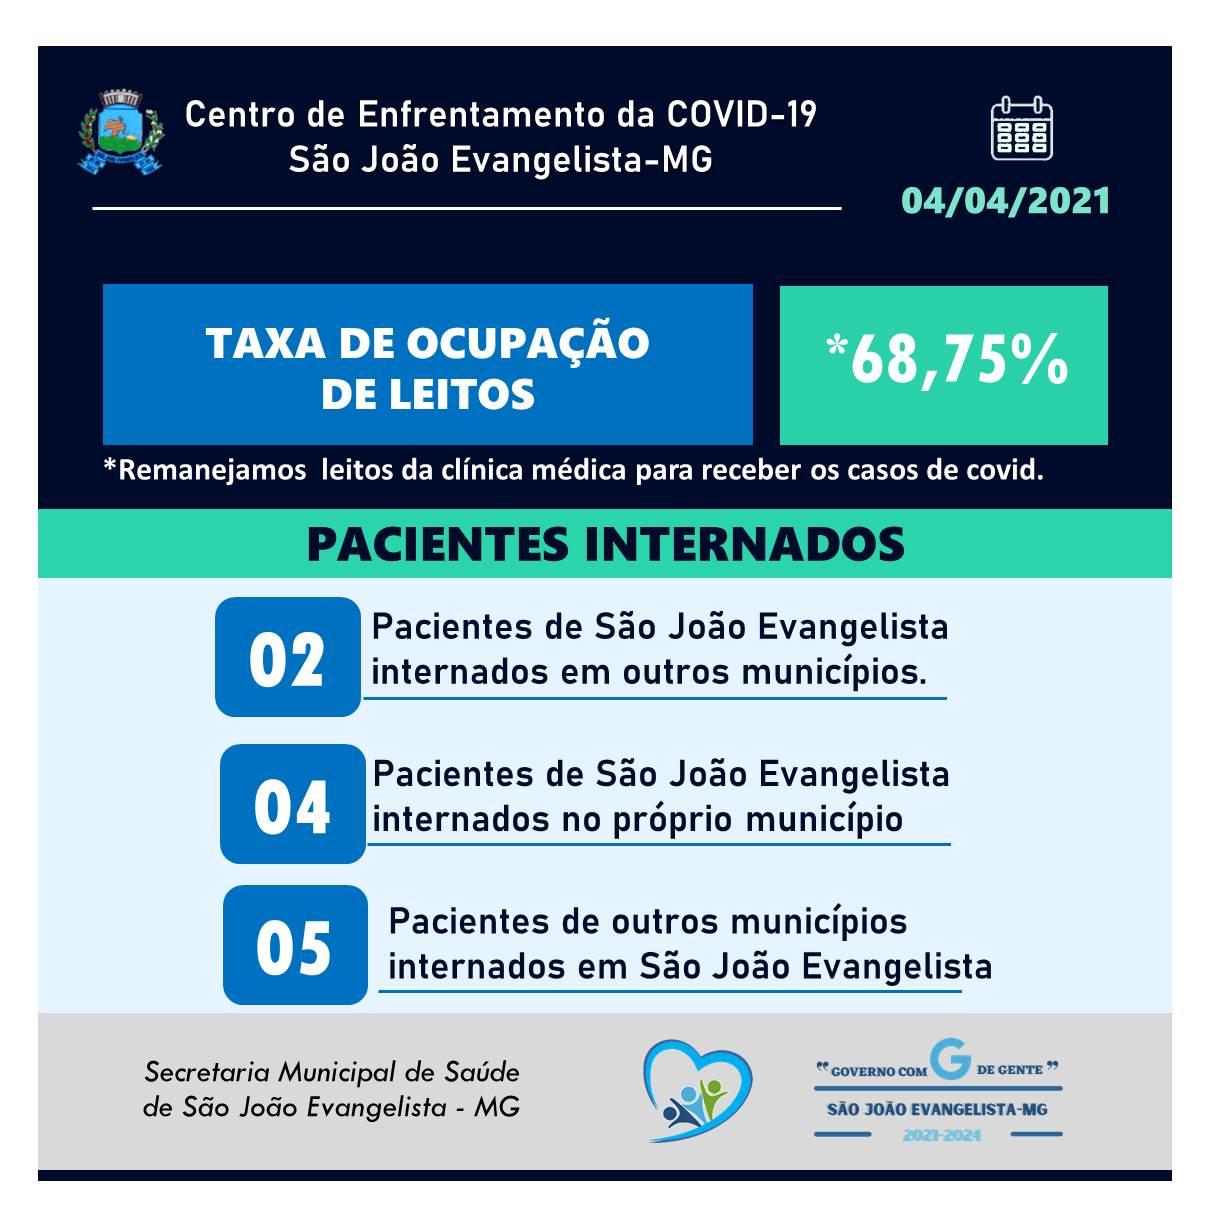 TAXA DE OCUPAÇÃO DE LEITOS - 04/04/2021